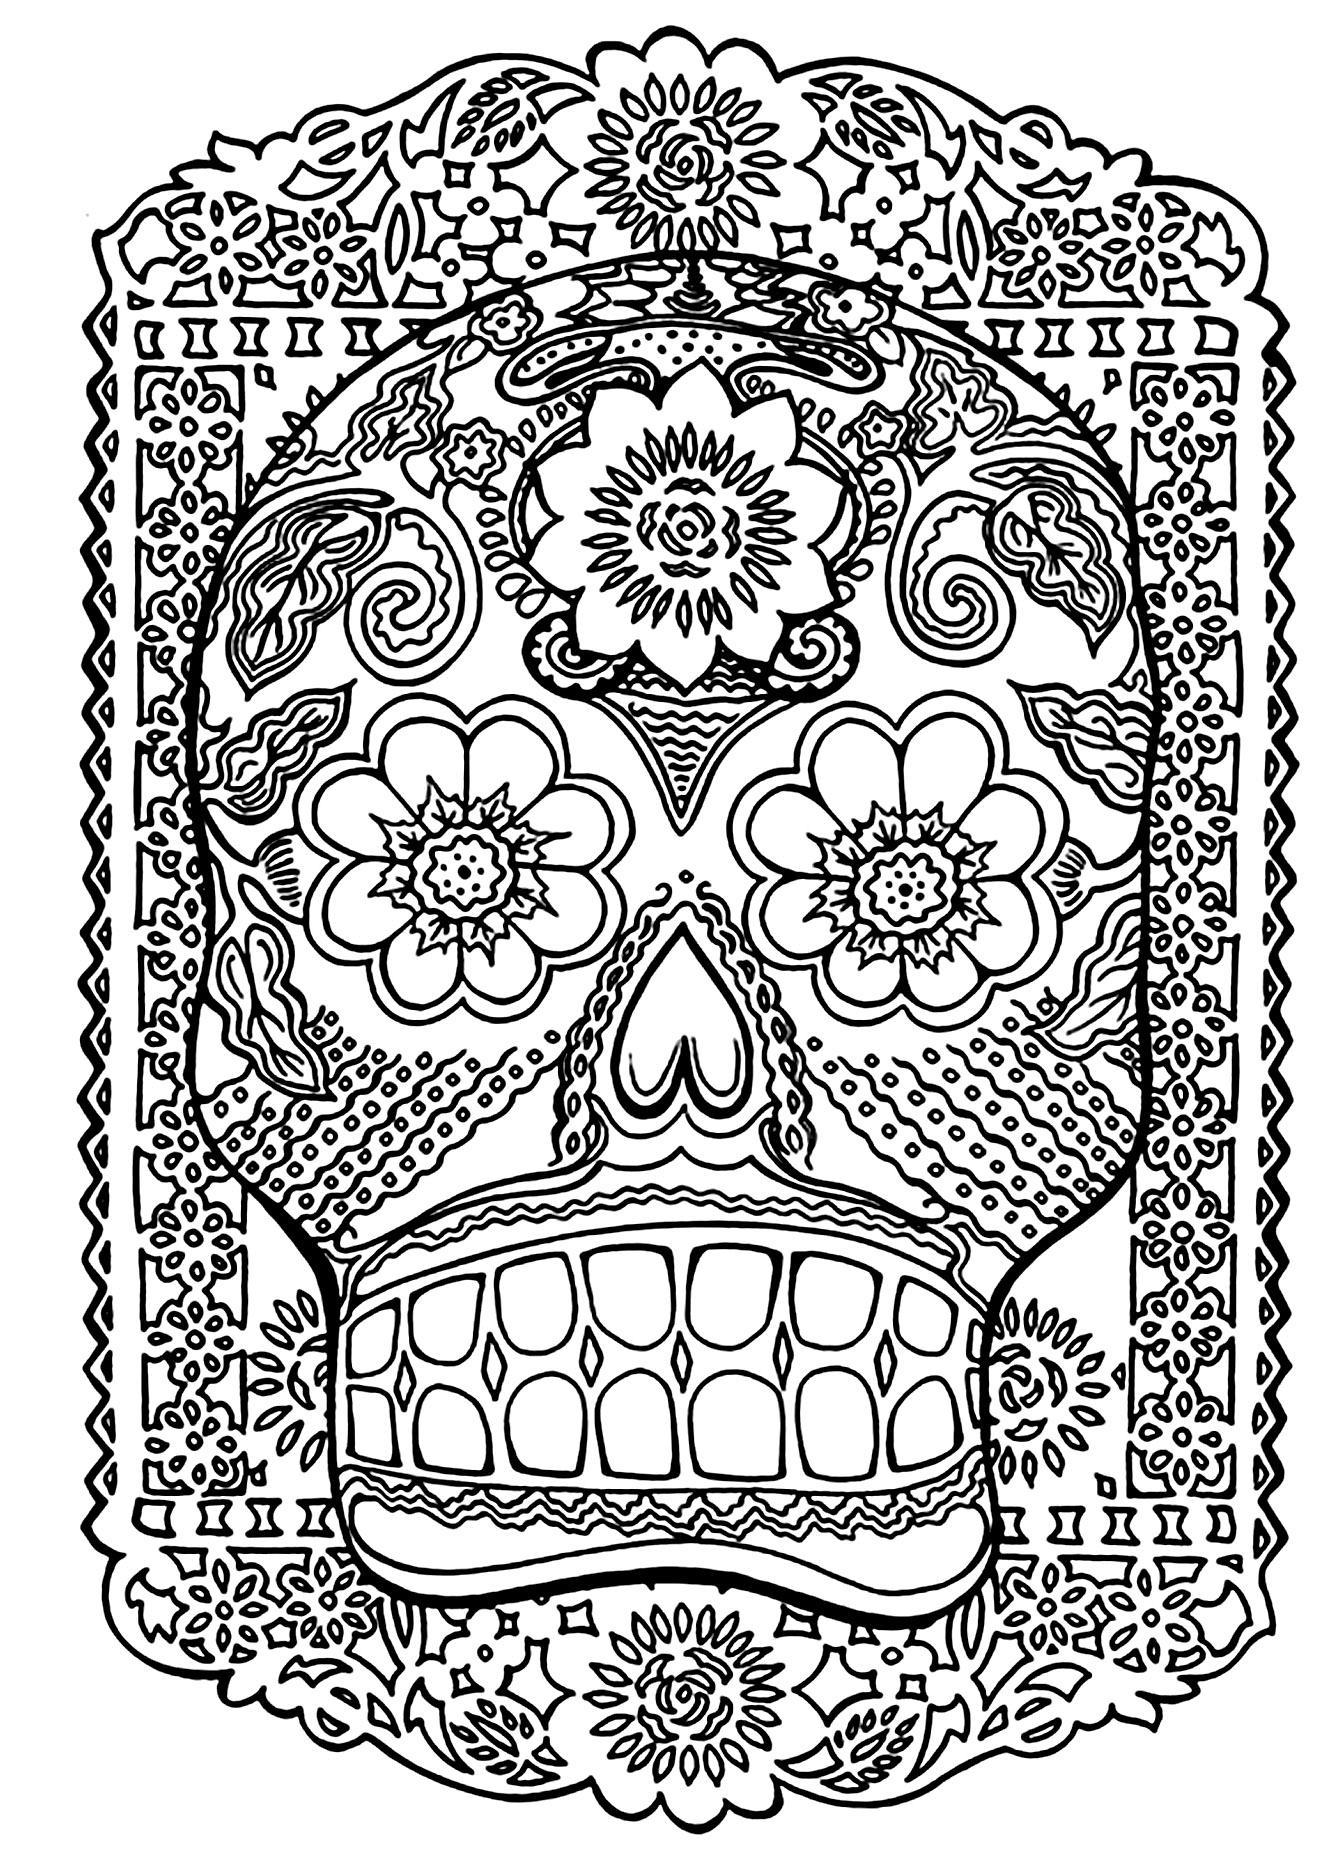 Coloriage complexe d'un crâne décoré pour la Fête des morts